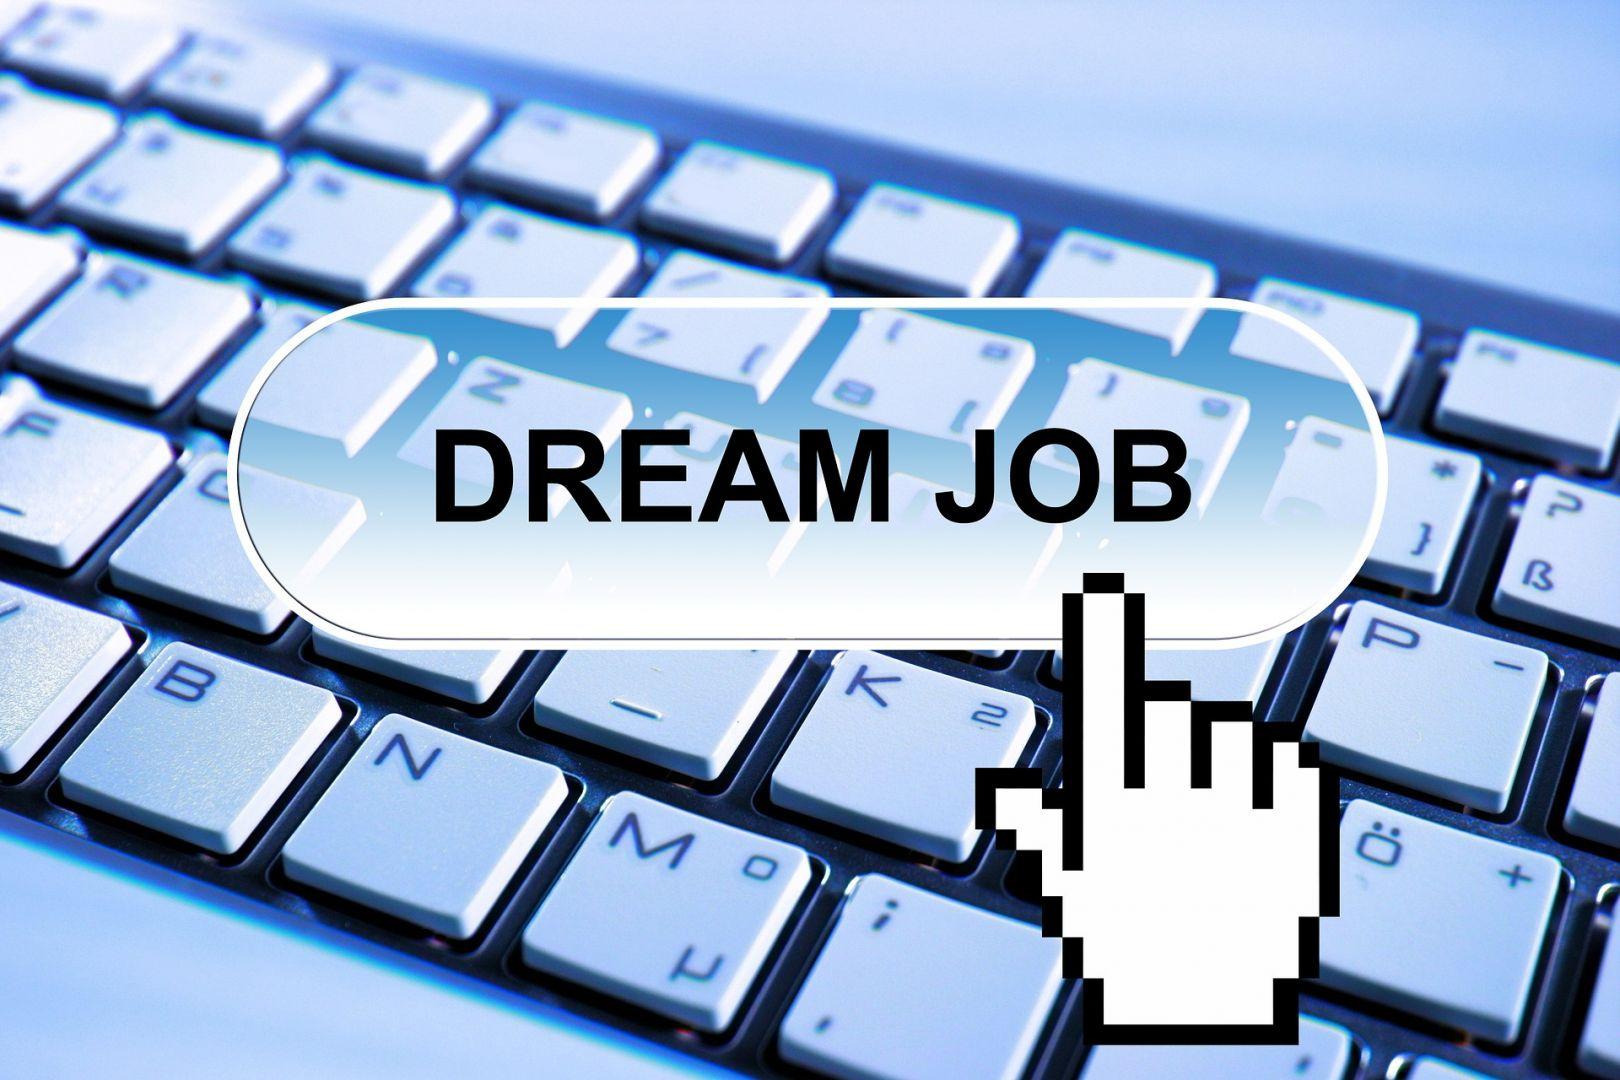 1 jeune sur 2 à trouvé un emploi grâce à un job-board